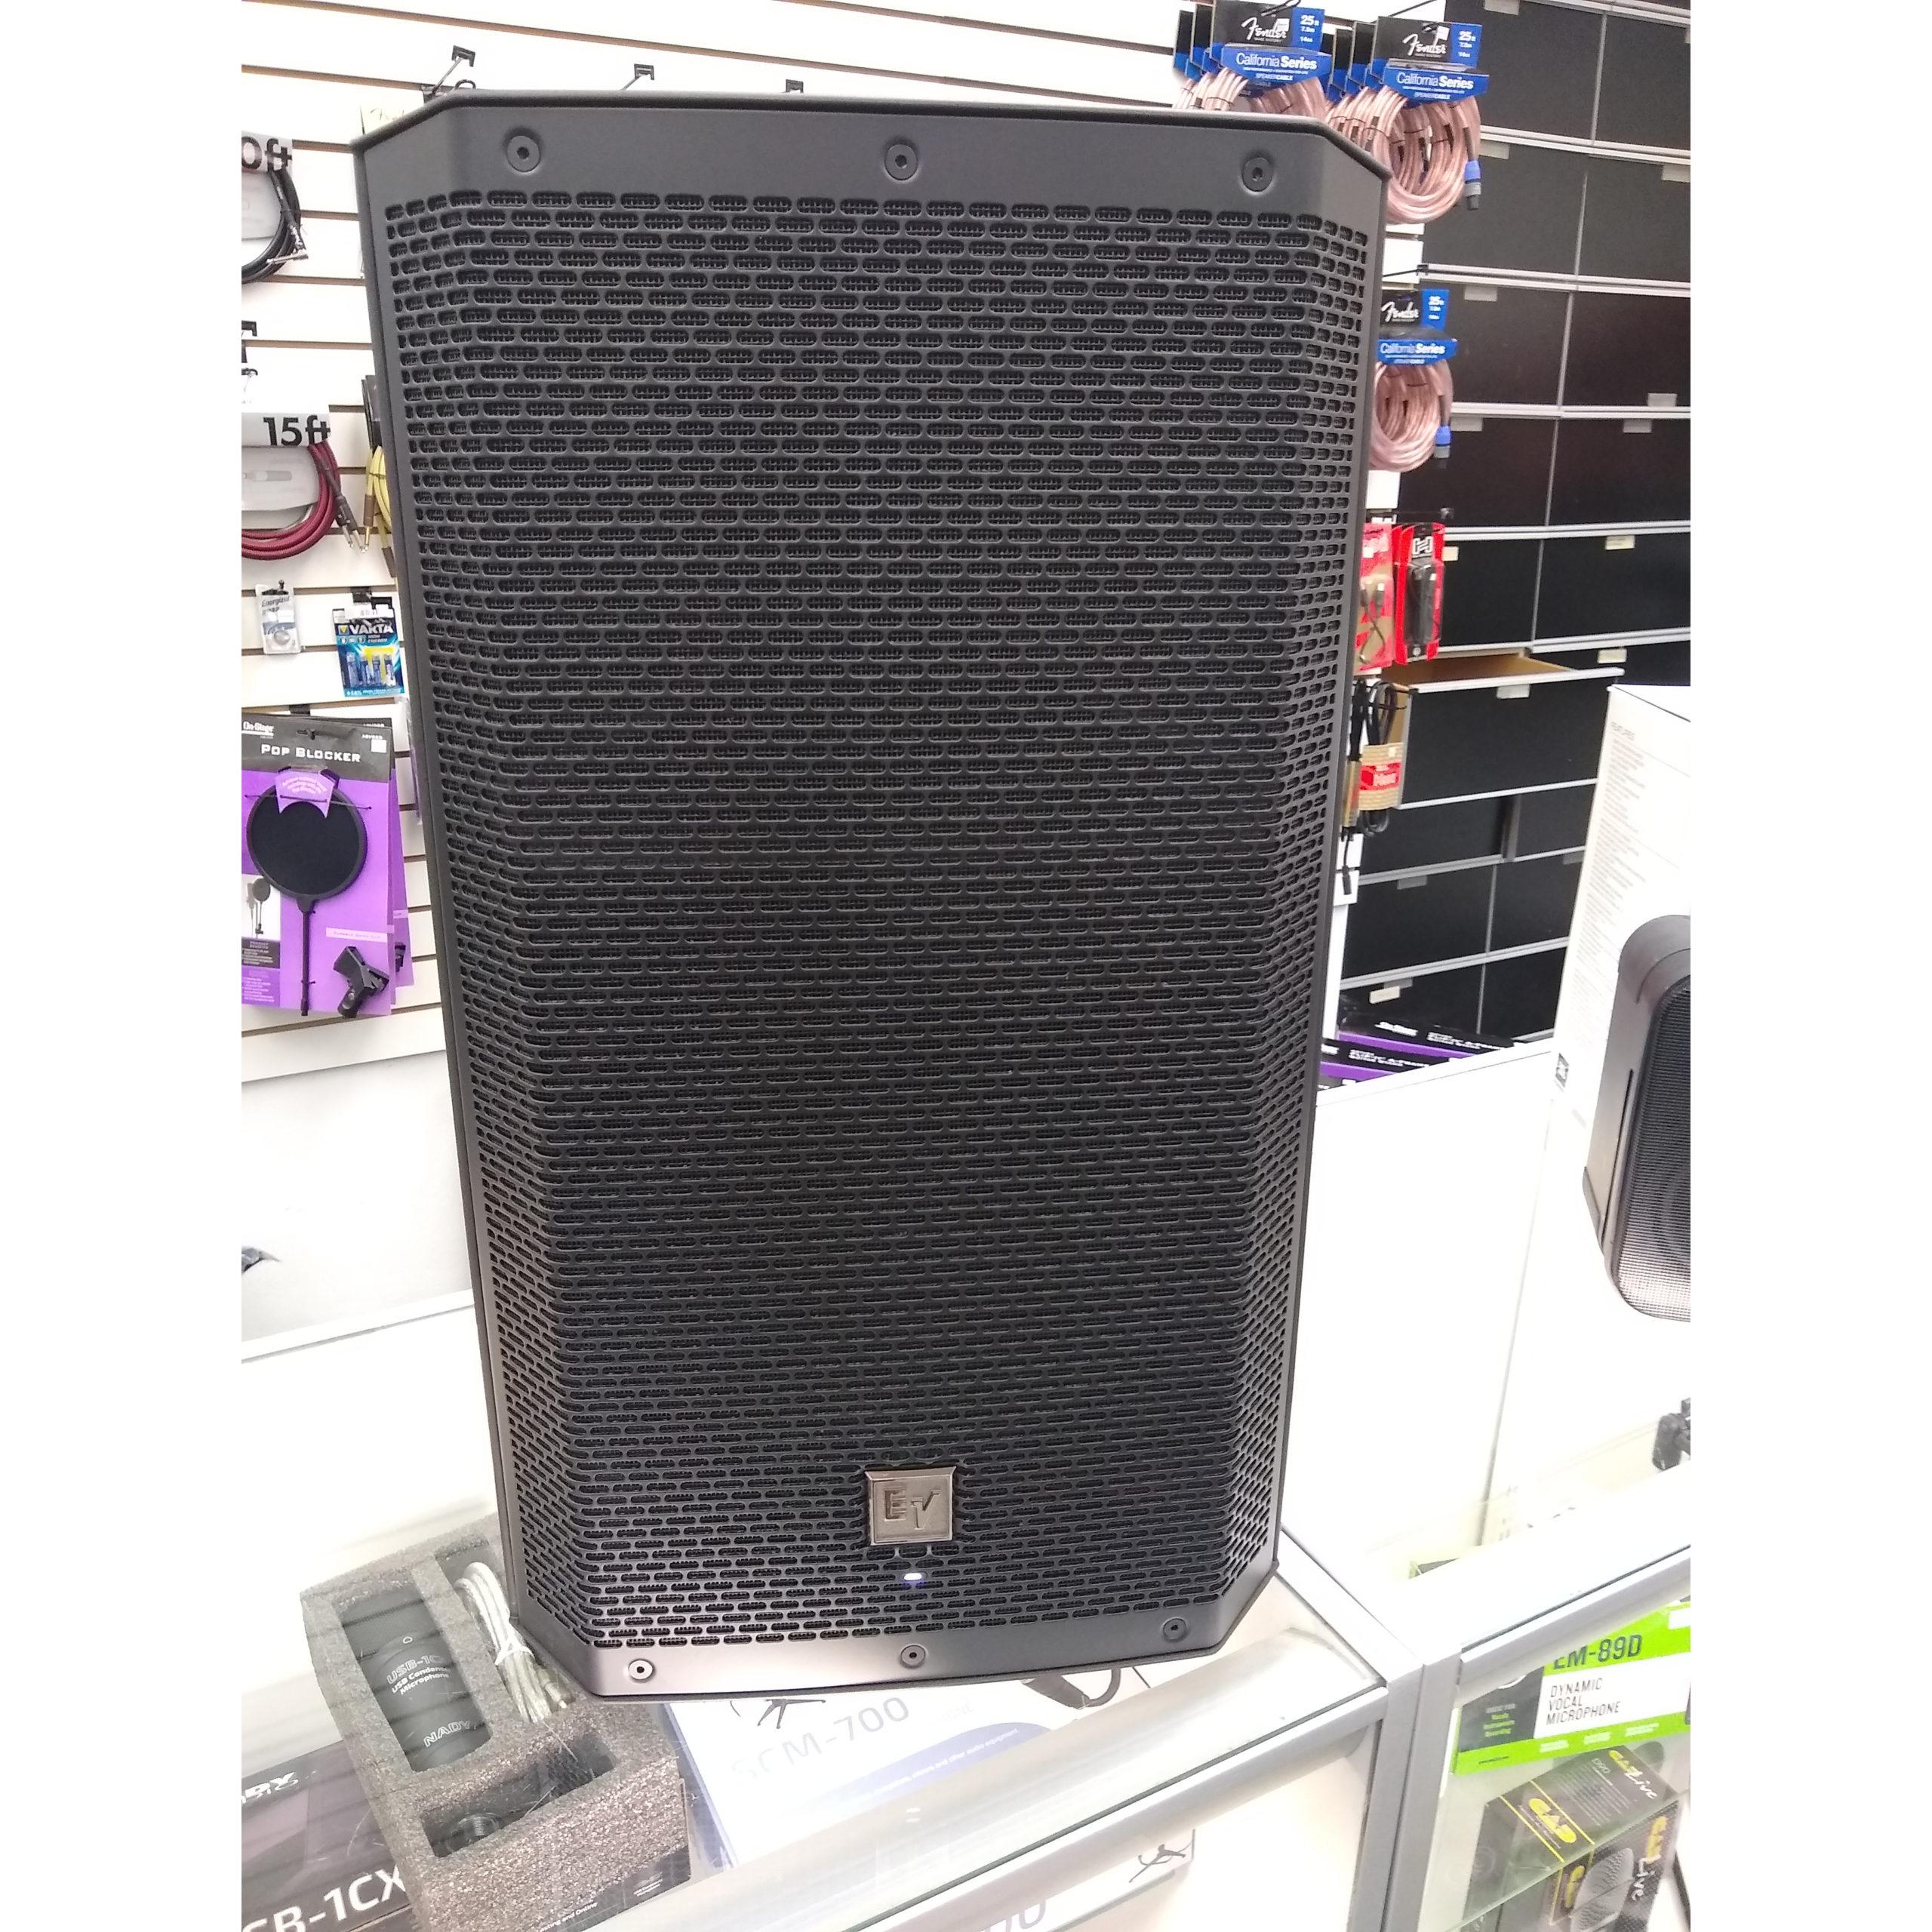 Electro-Voice ZLX-12P Powered Speaker